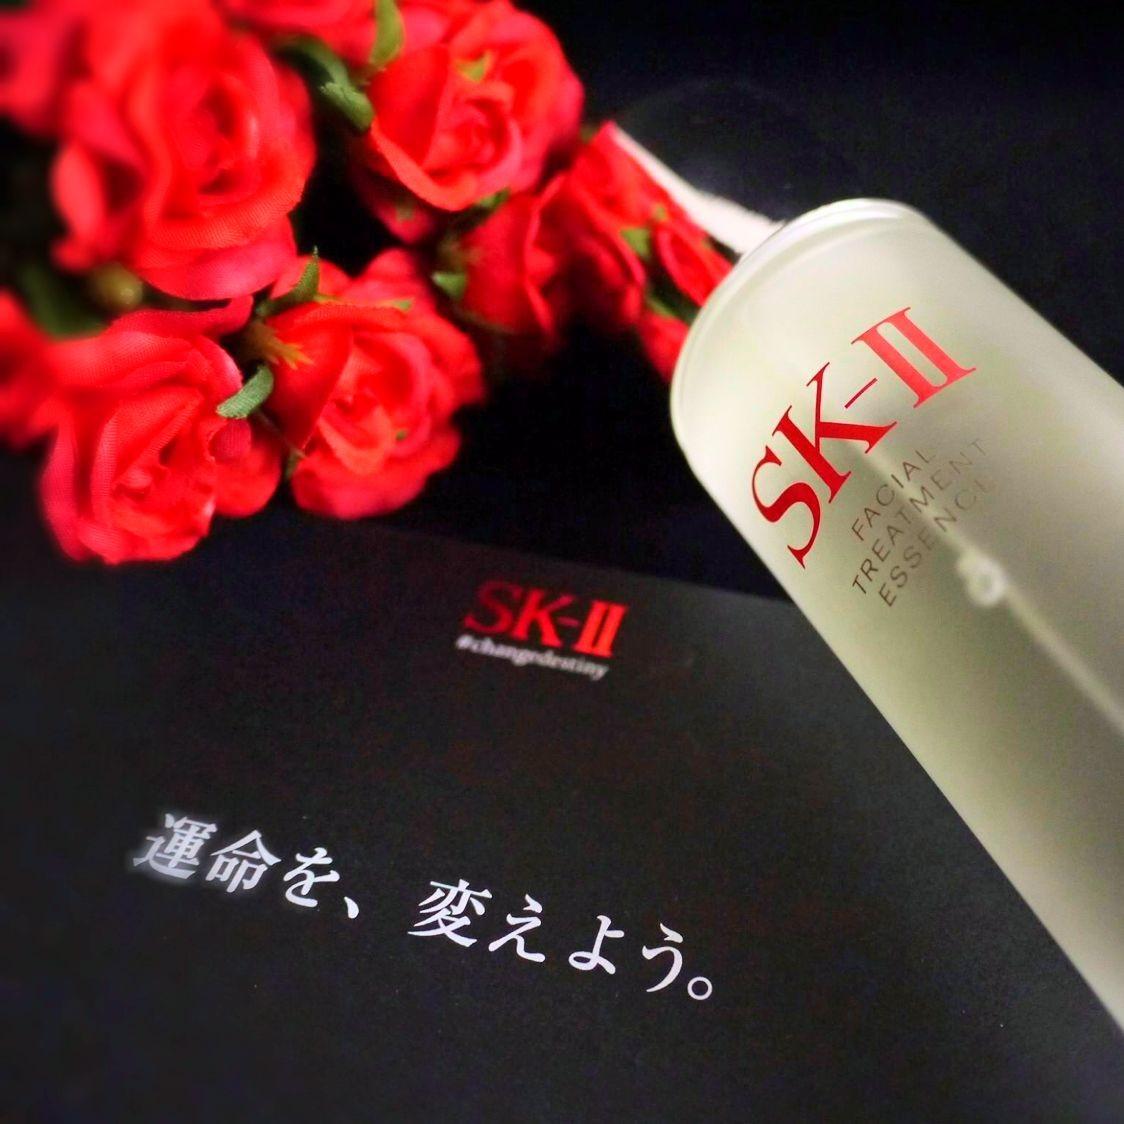 """【運命コスメ】あなたの肌が変わるかも?SK-IIで""""運命を、変えよう。"""""""